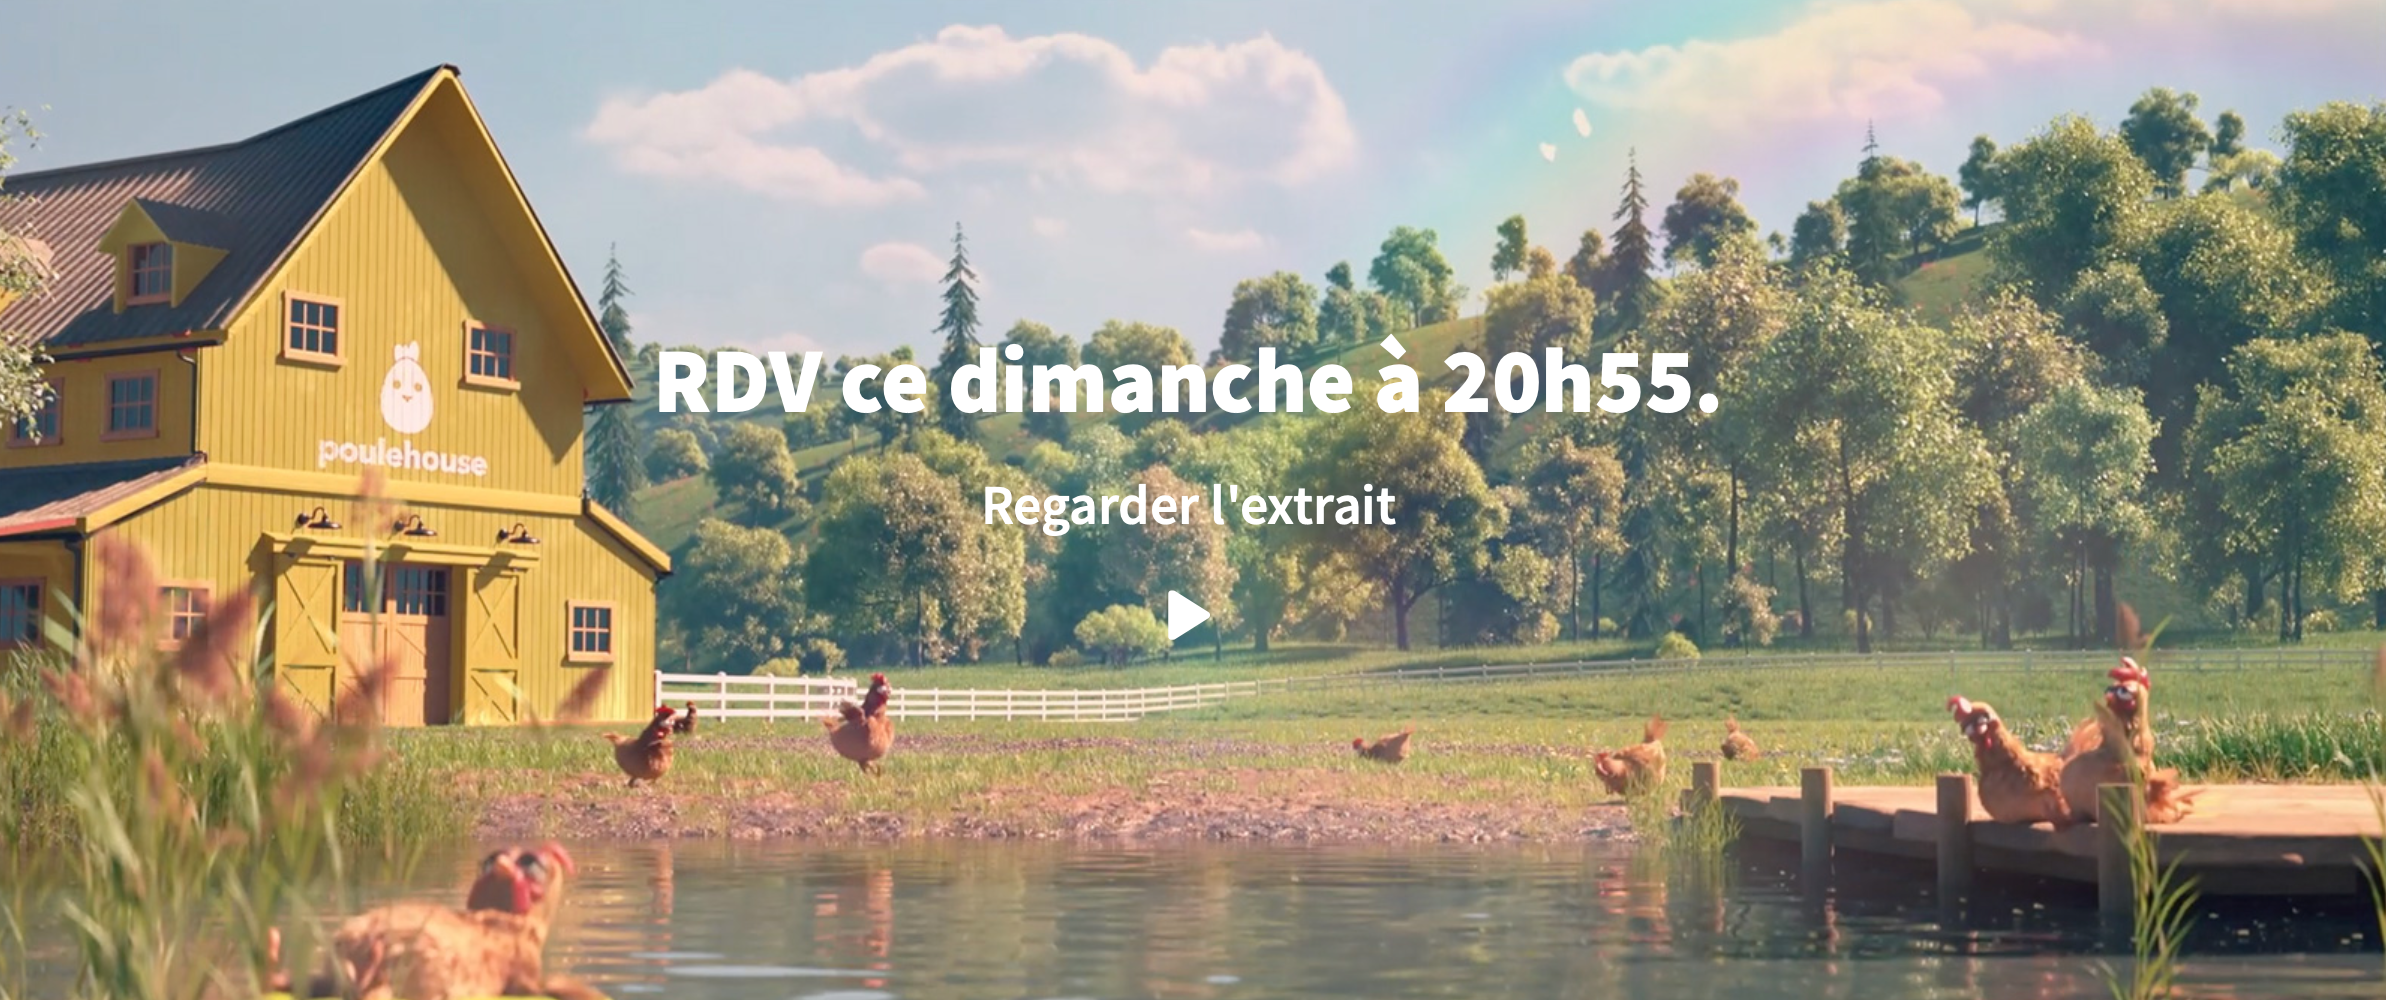 Capture d'écran 2019 11 05 à 08.25.47 - Poulehouse, l'oeuf qui ne tue pas la poule passe à la télé !